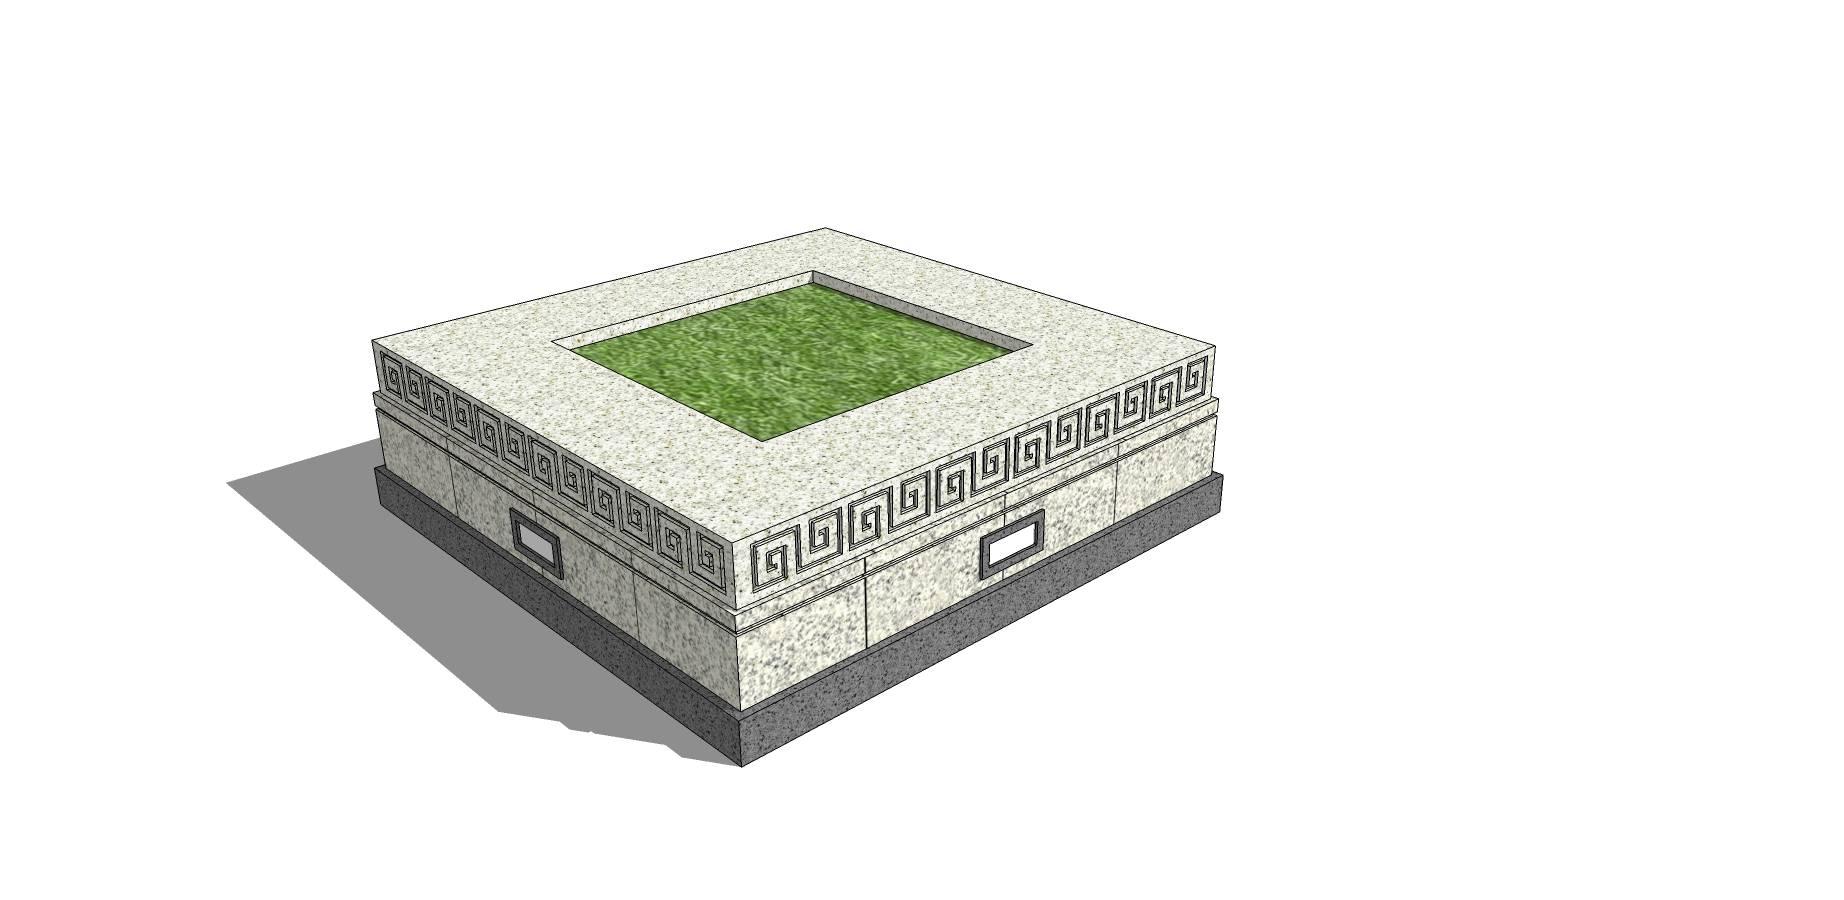 中式石质雕花种植池座椅模型素材